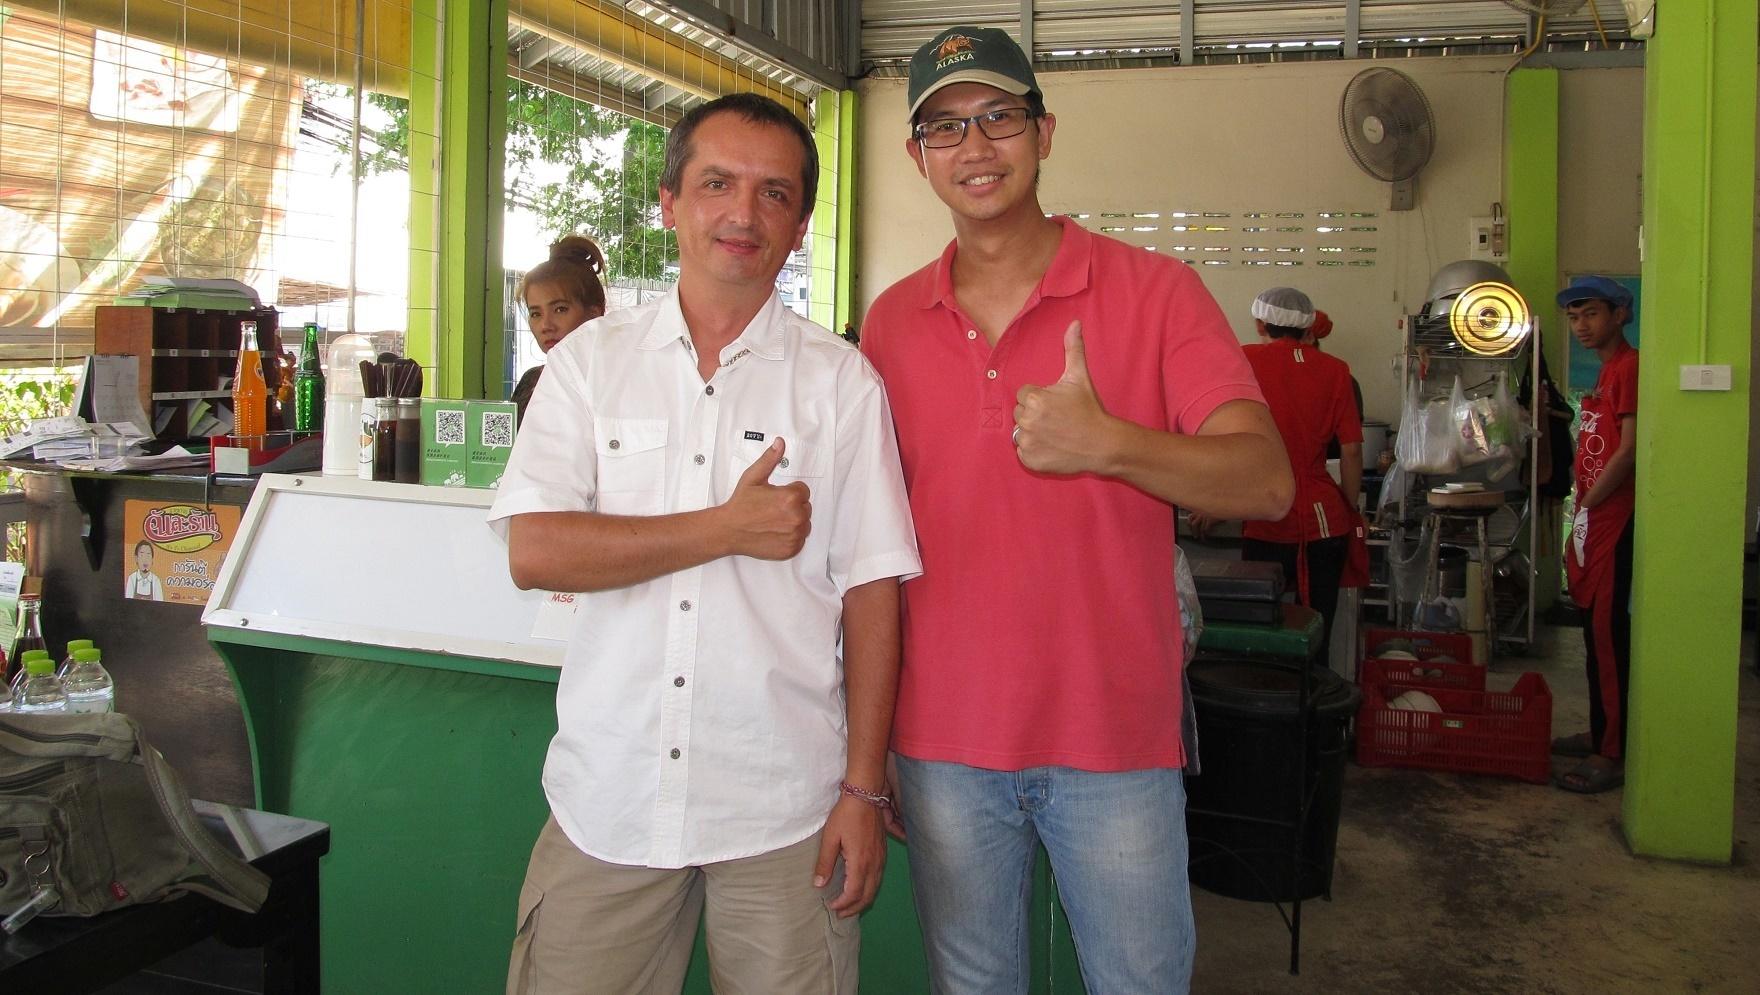 Sympatický majitel restaurace (vpravo)